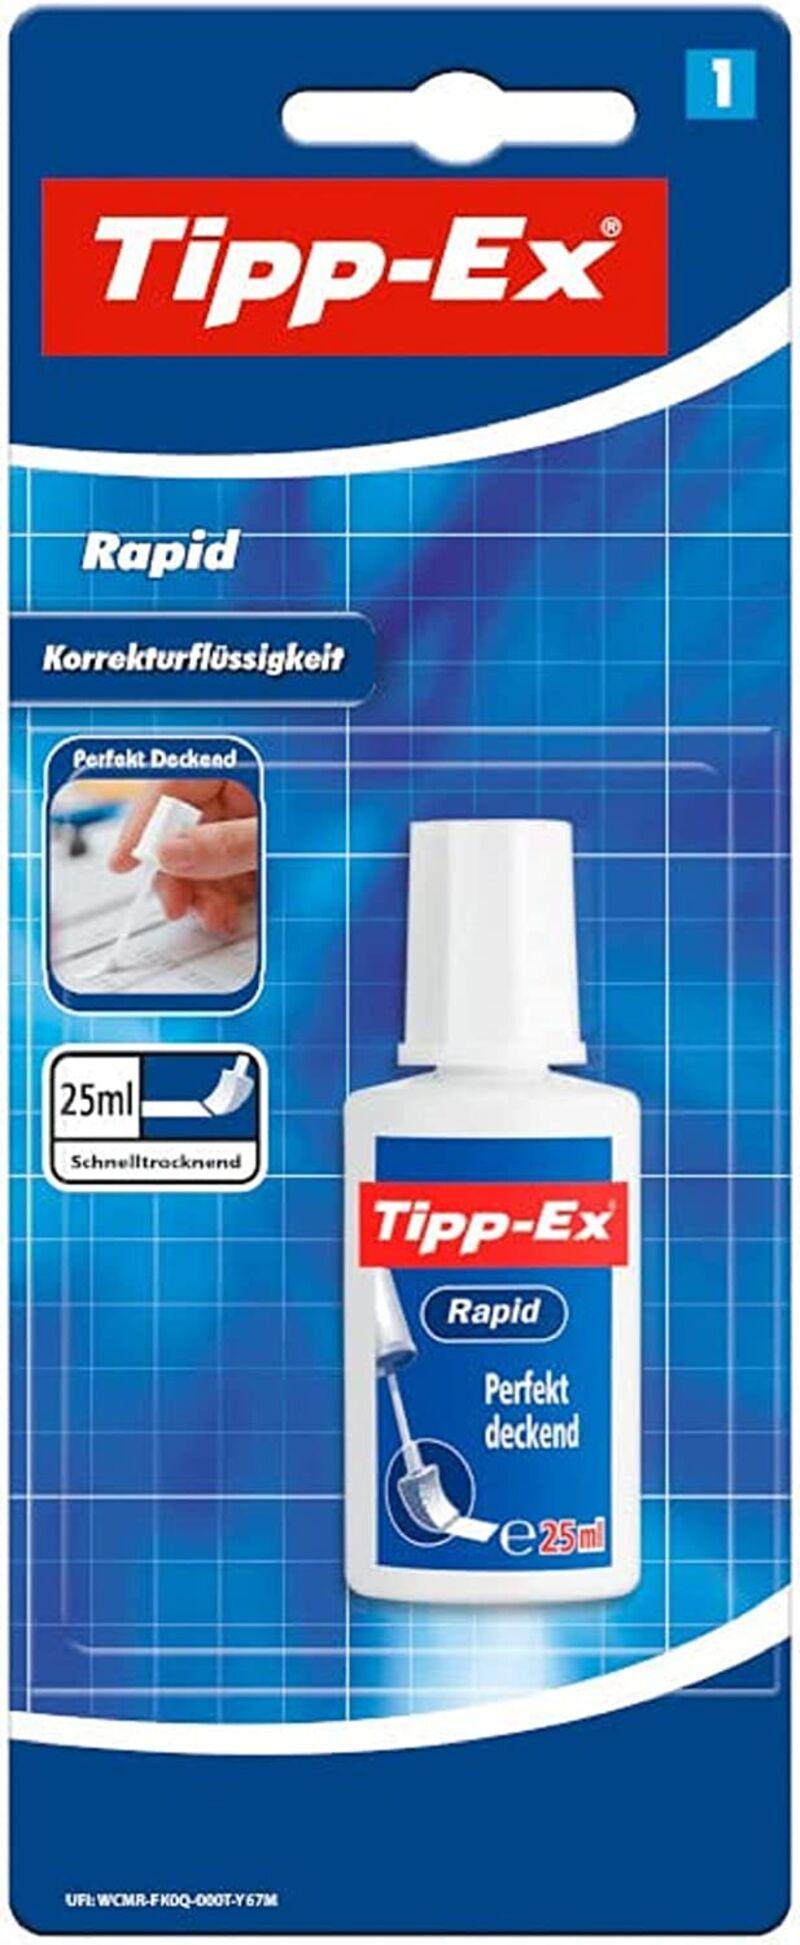 BLISTER TIPP EX RAPID BL1 EFSP EU - 8871592